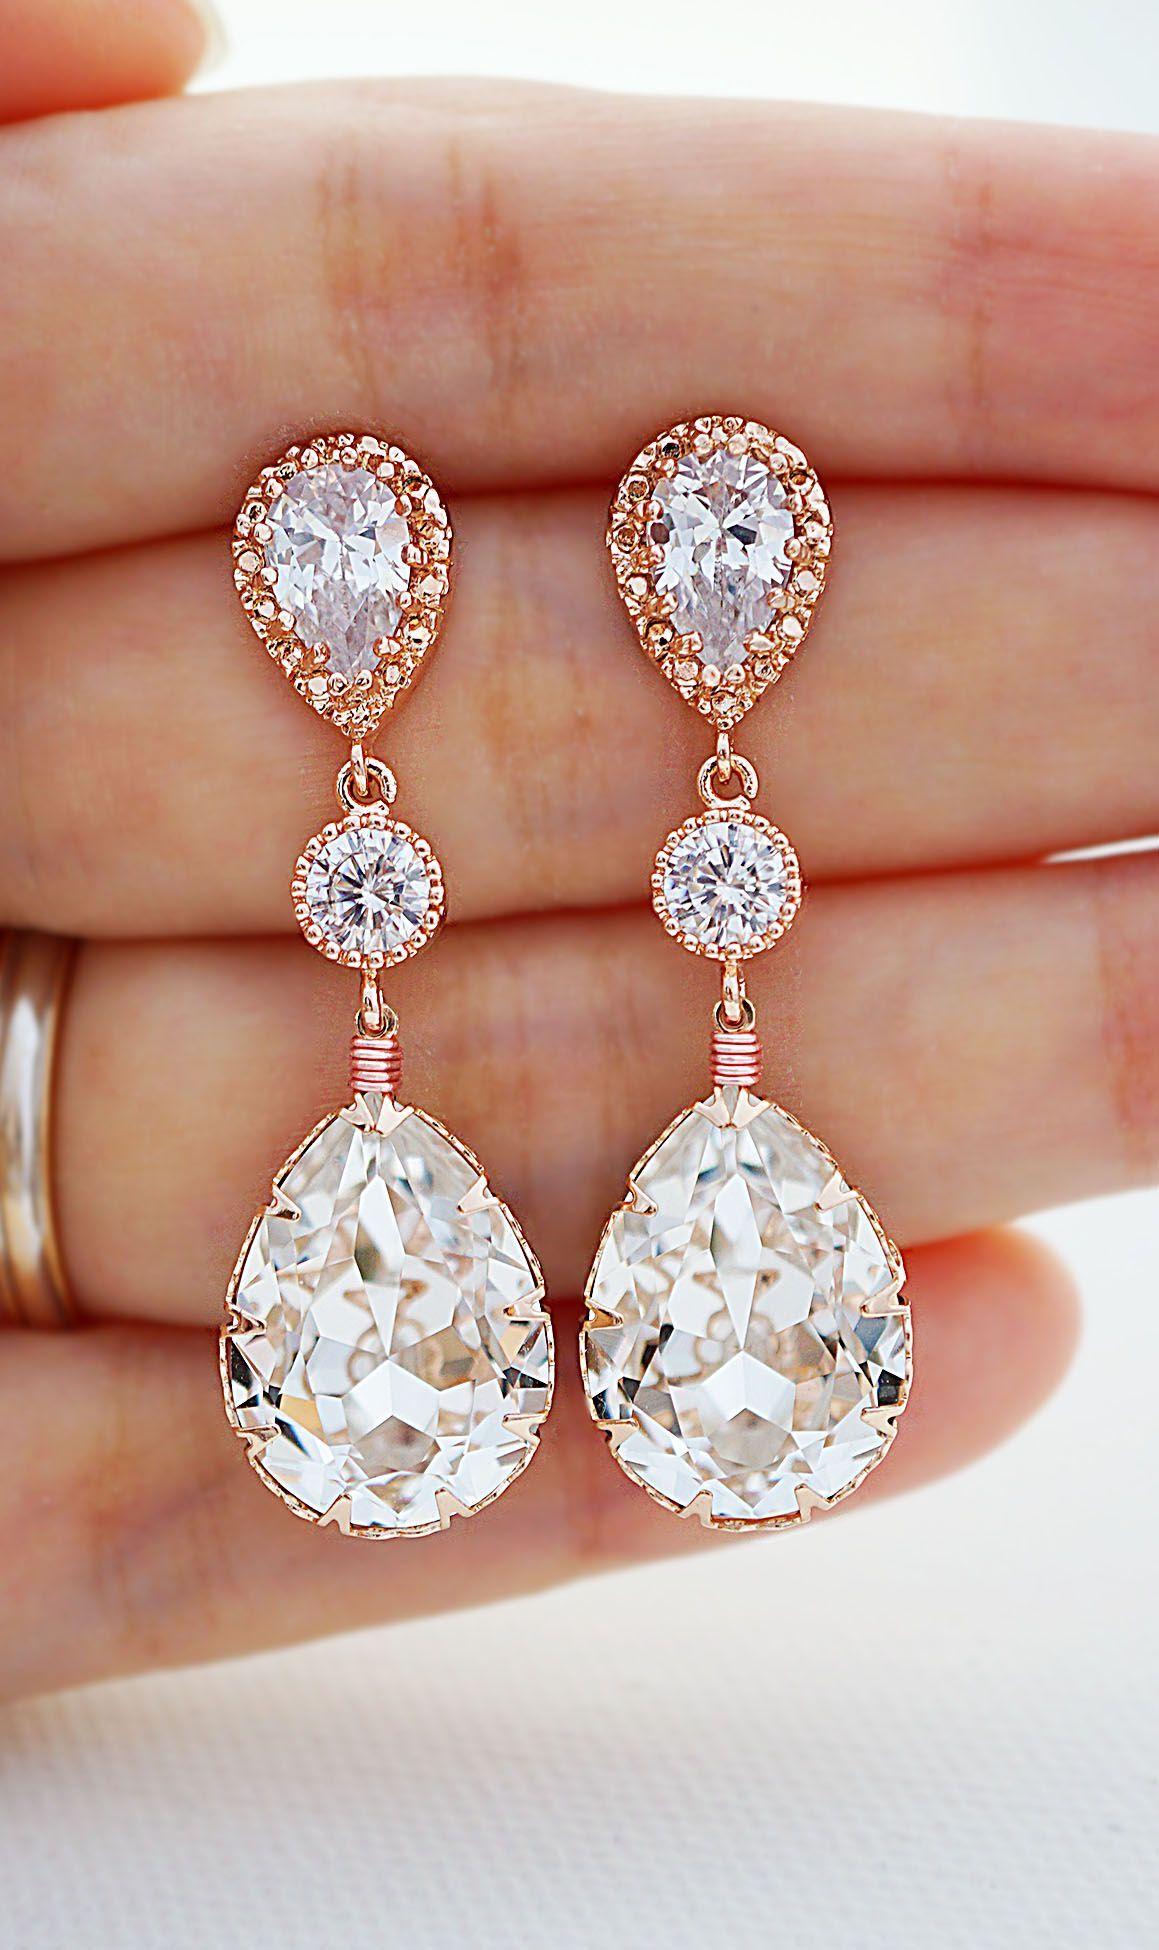 ab973b1da Swarovski Crystal Rose Gold Bridal Earrings from EarringsNation Wedding Earrings  Rose Gold Weddings Blush weddings Bridal